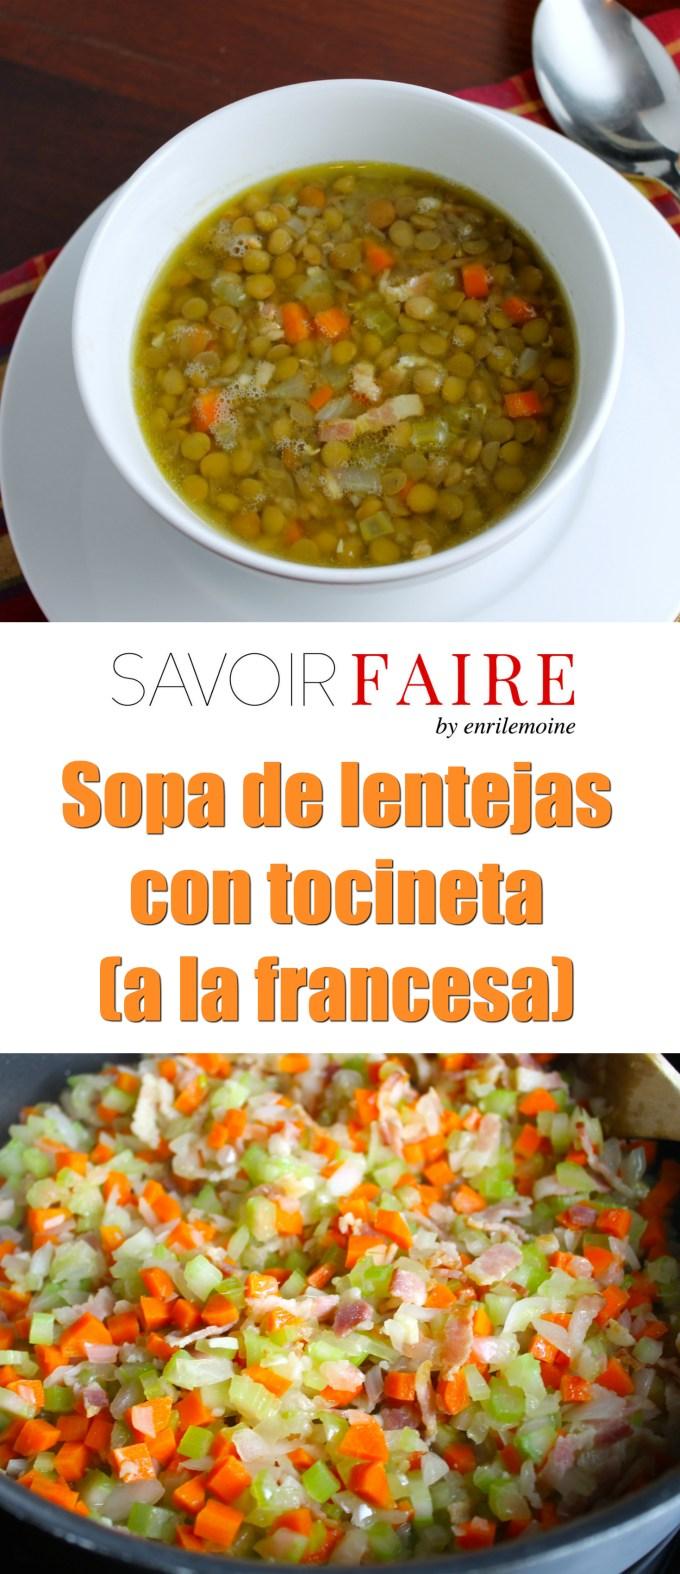 Sopa de lentejas a la francesa - SAVOIR FAIRE by enrilemoine